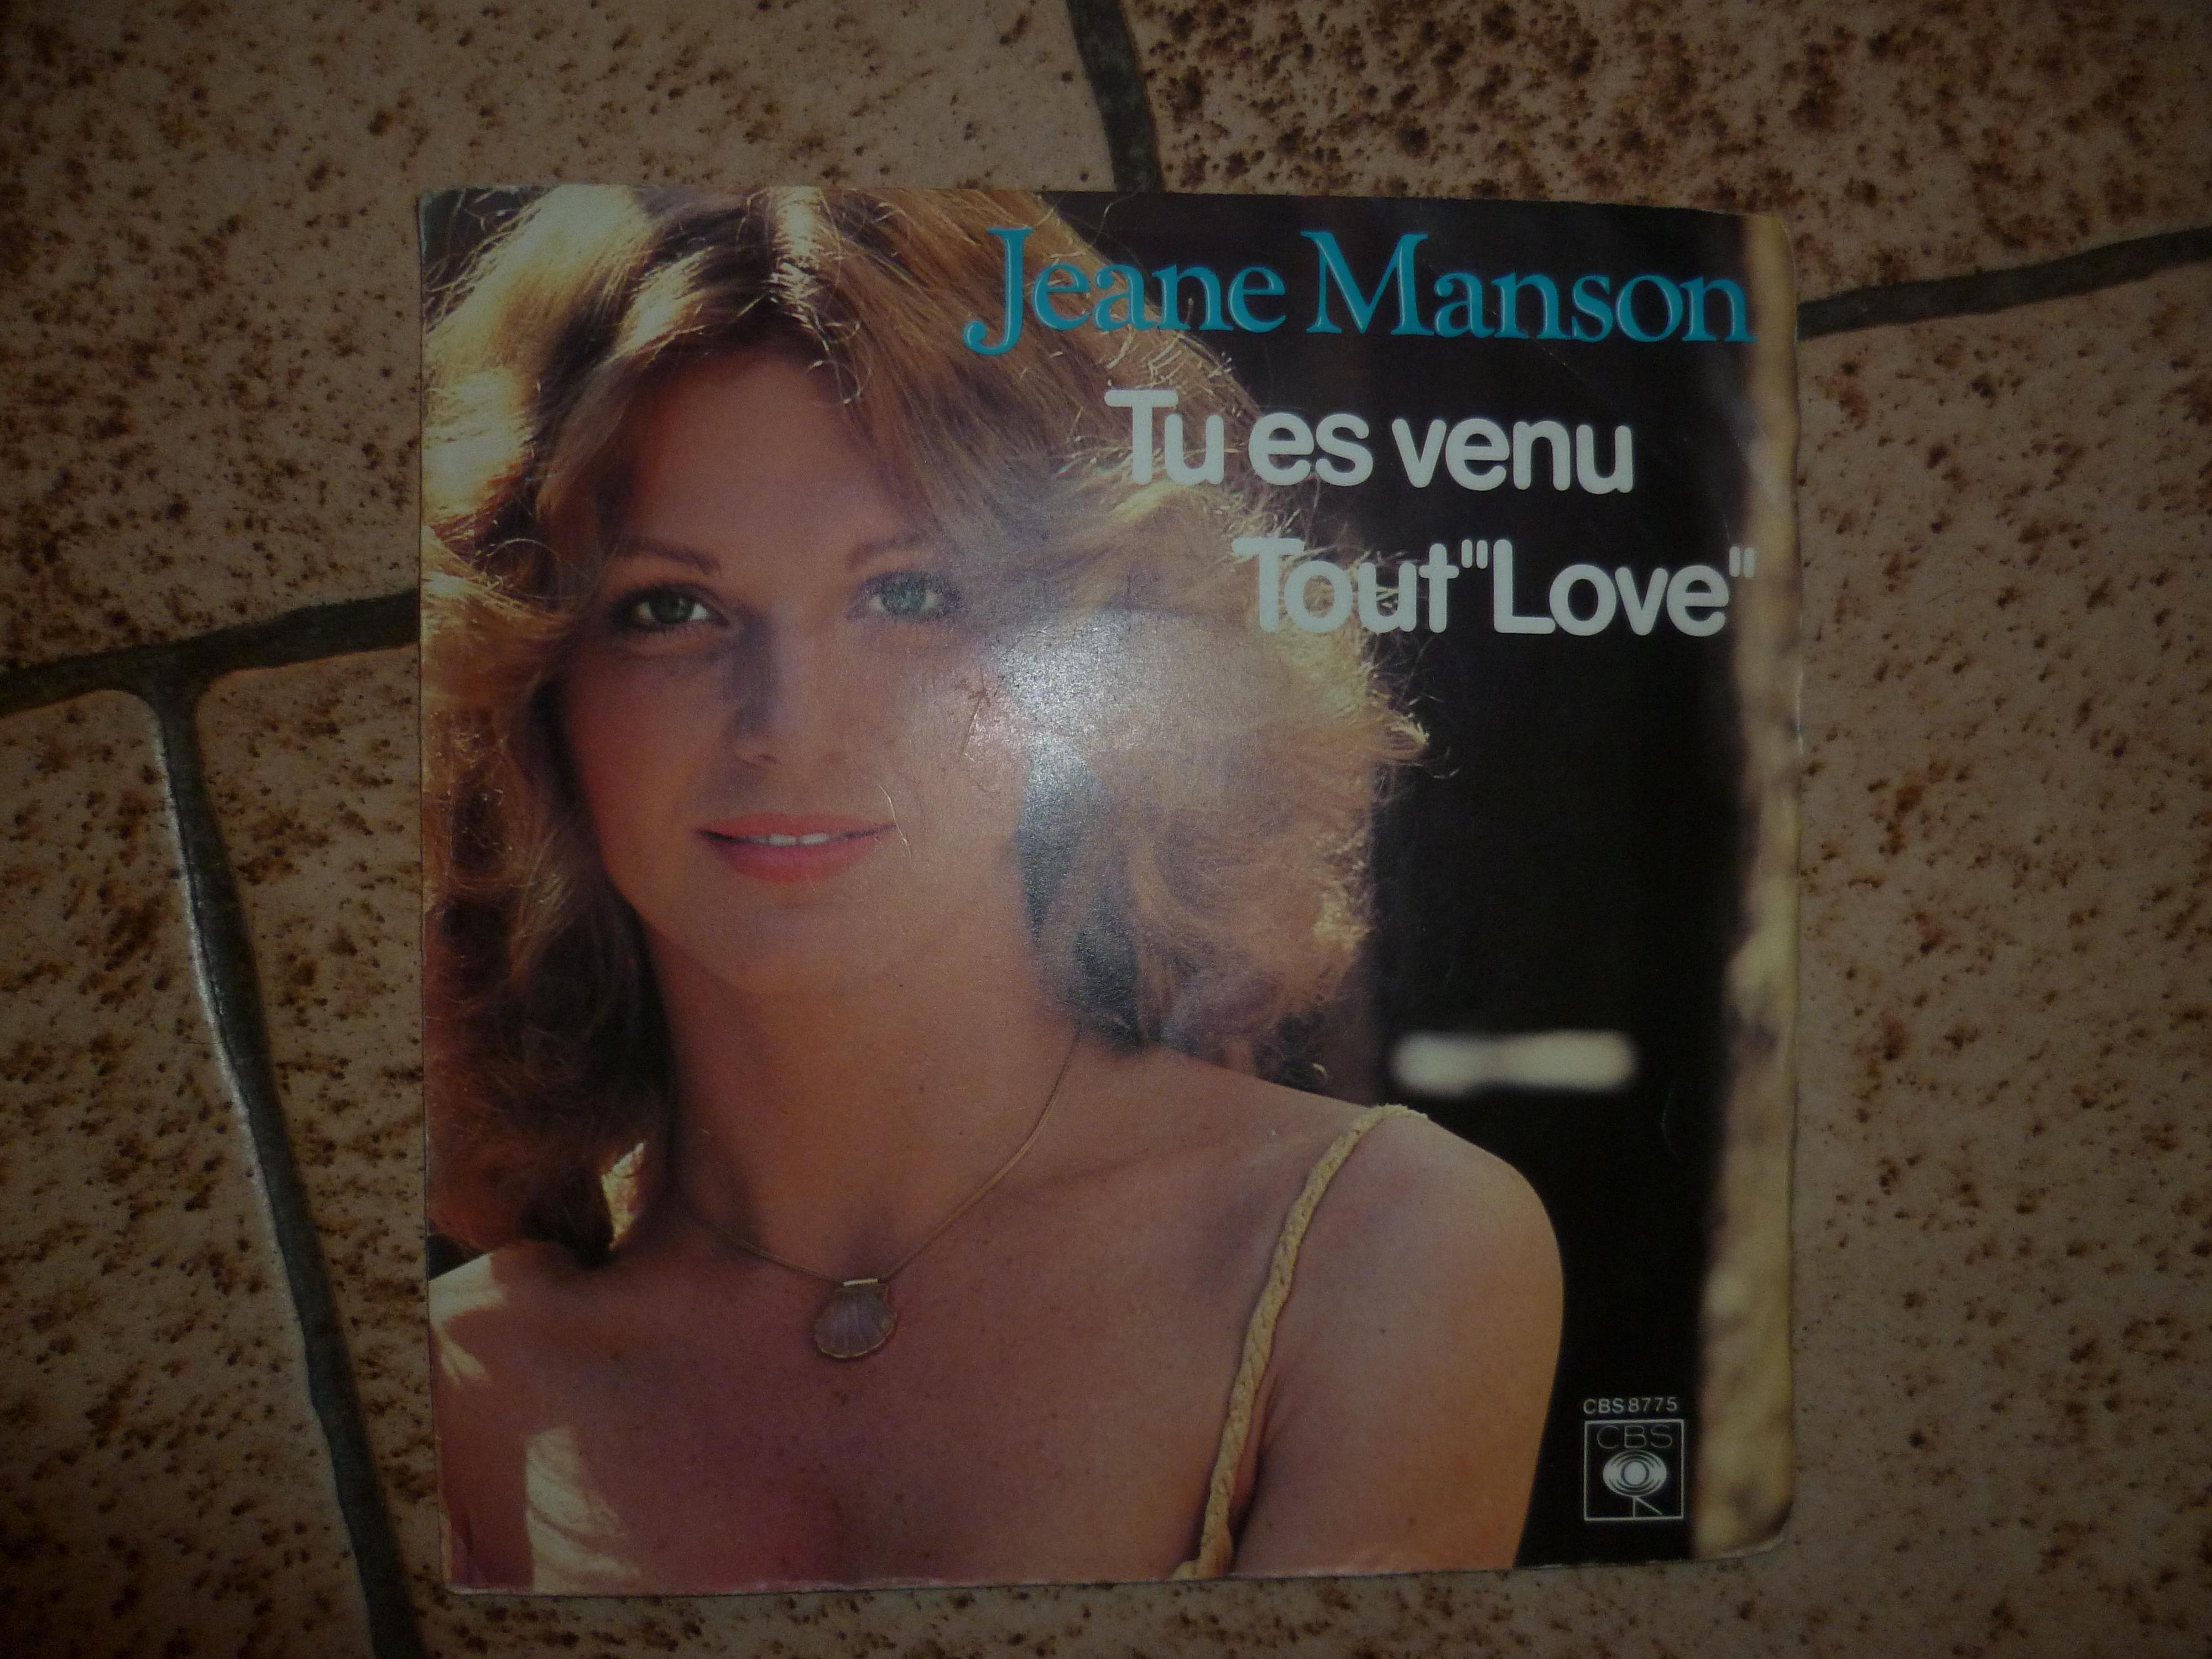 troc de troc vinyle 45 tours - jeane manson image 0